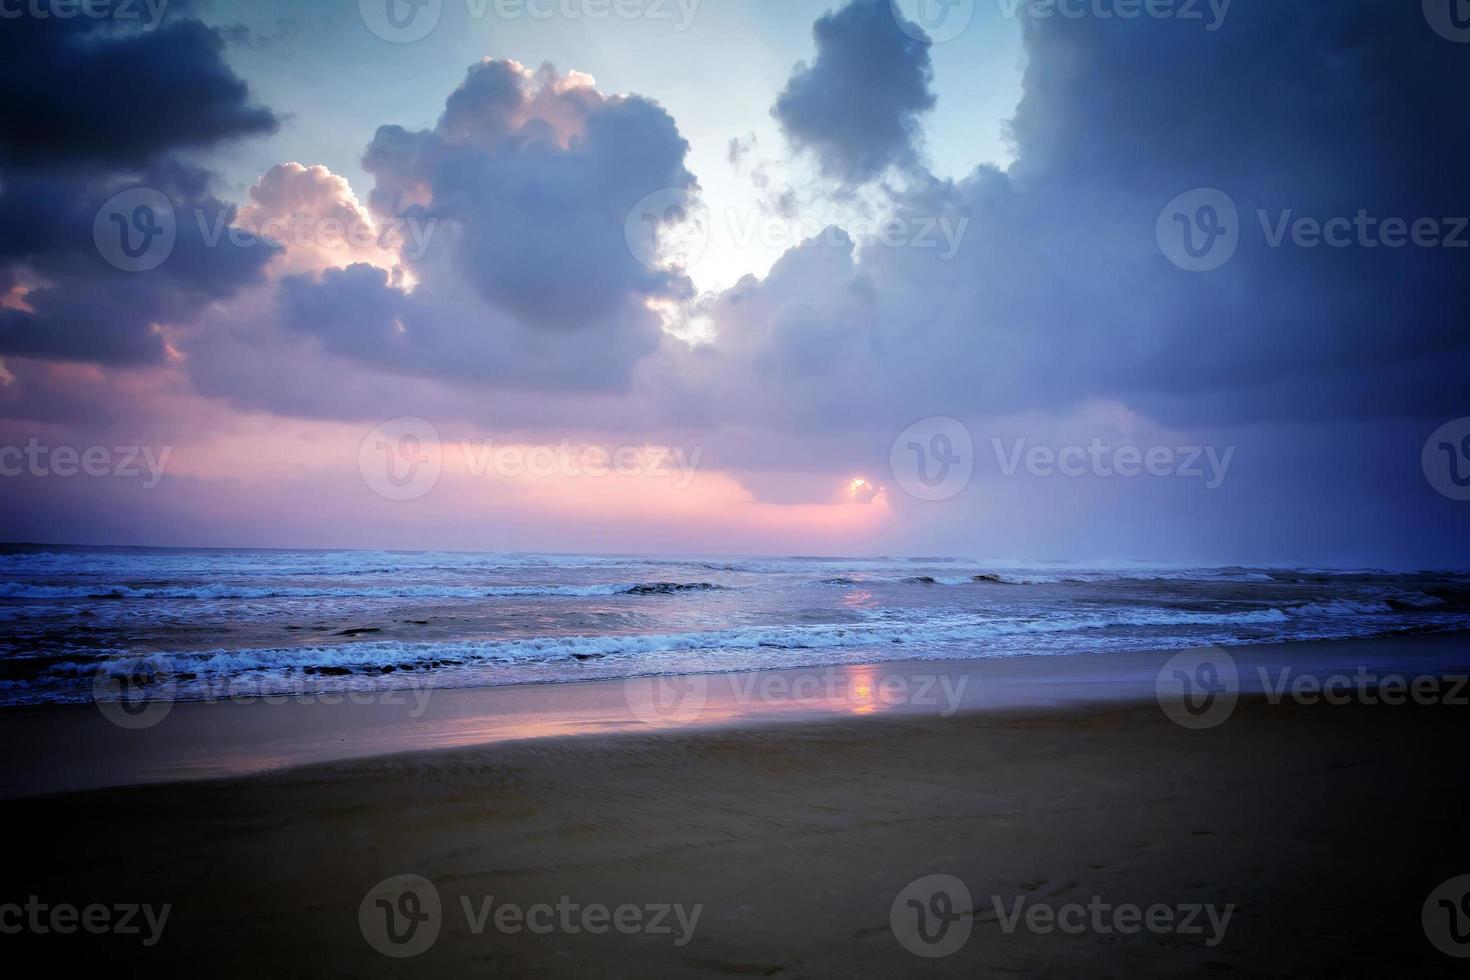 Wolken Sonnenuntergang Himmel Hintergrund foto